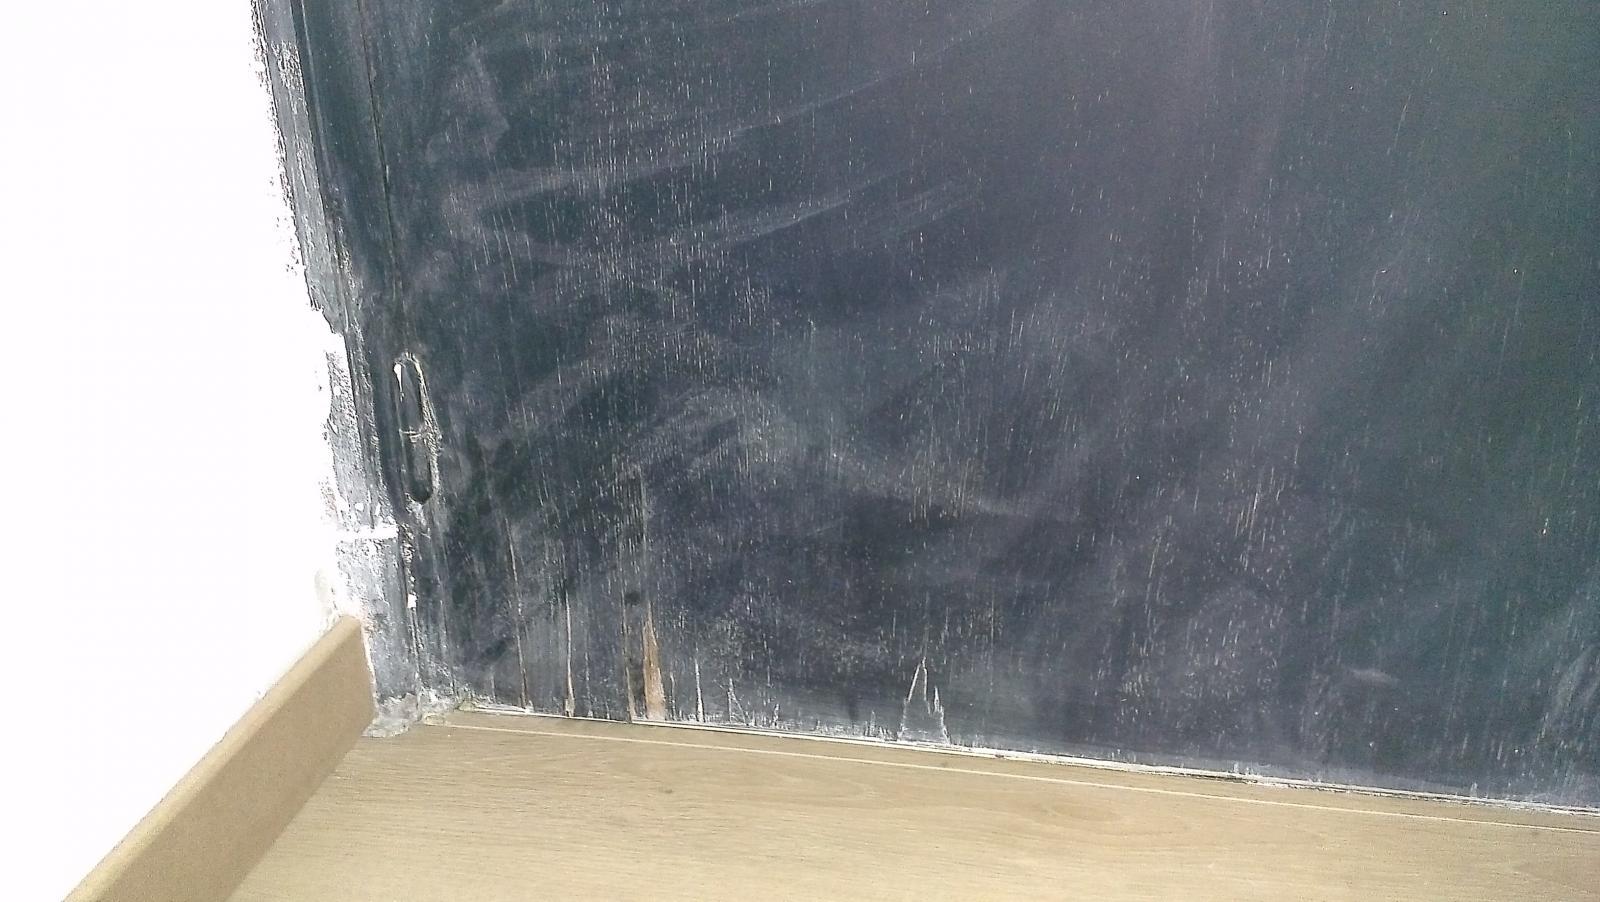 R novation d 39 une porte d 39 entr e - Reparer une porte d entree en bois ...